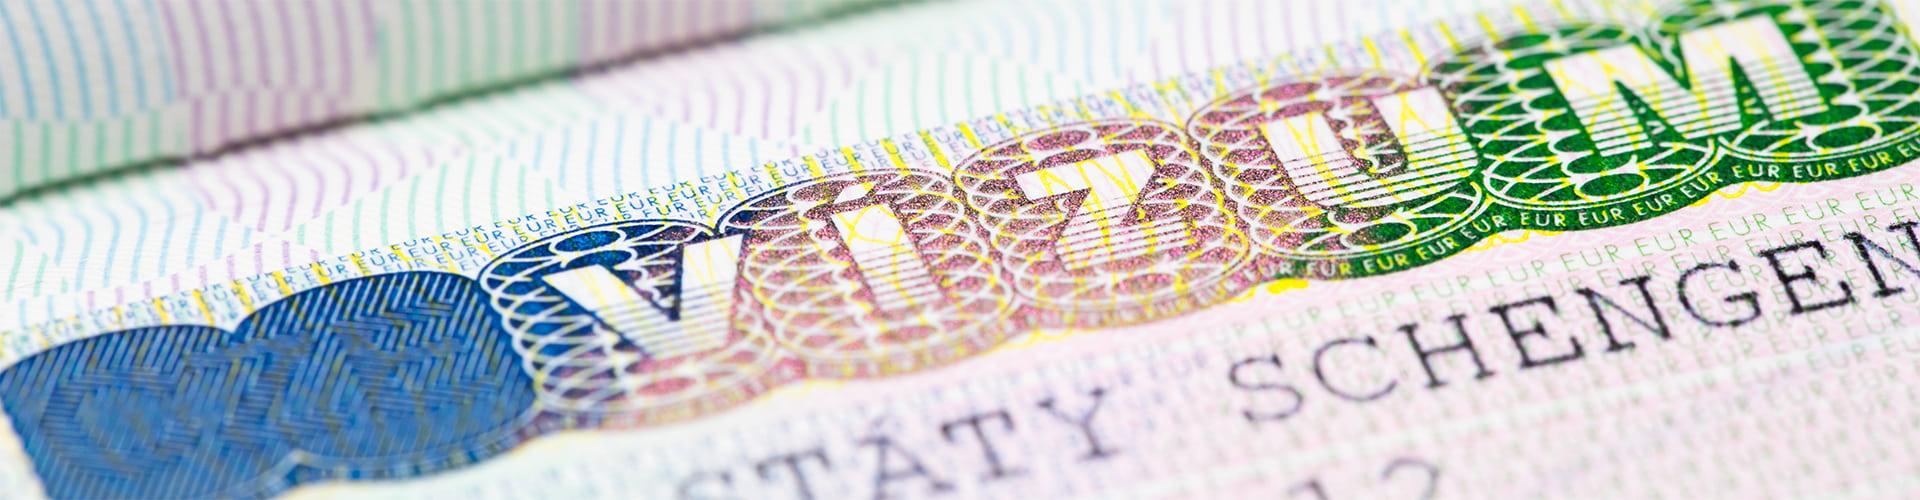 студенческая виза в Чехию eurostudy